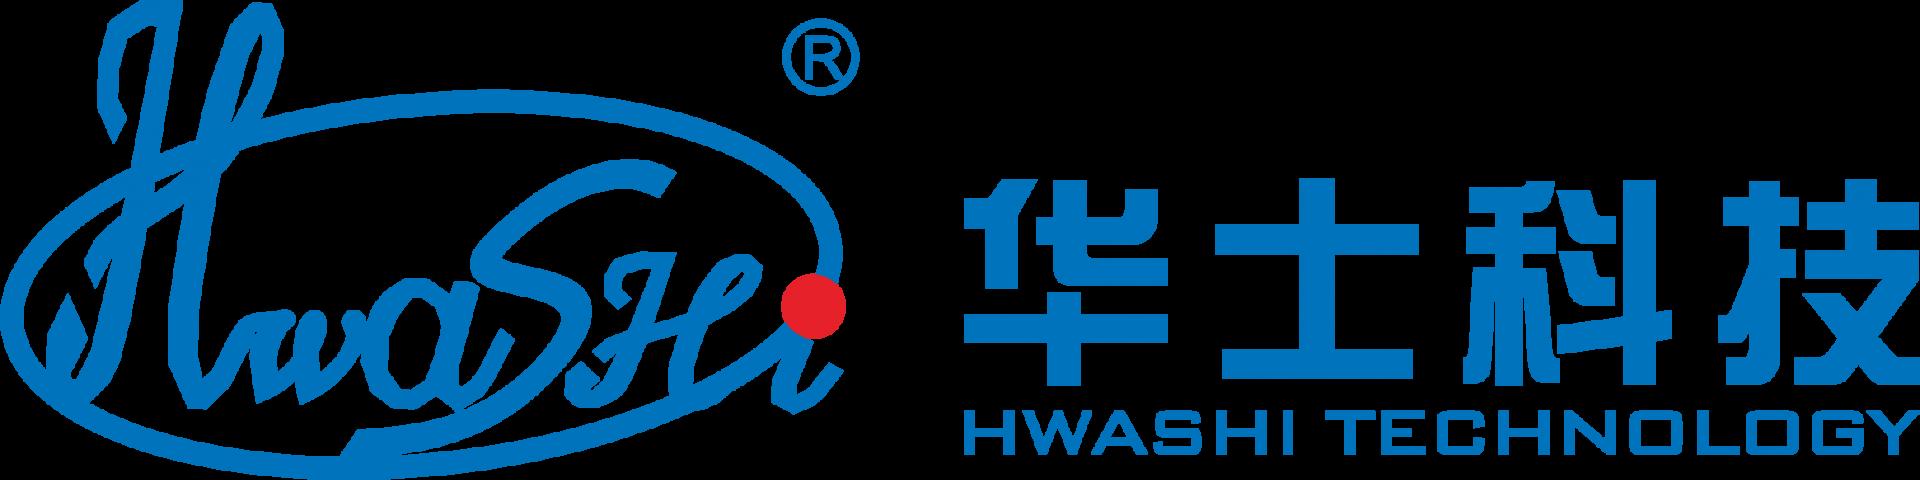 江西华士科技股份有限公司